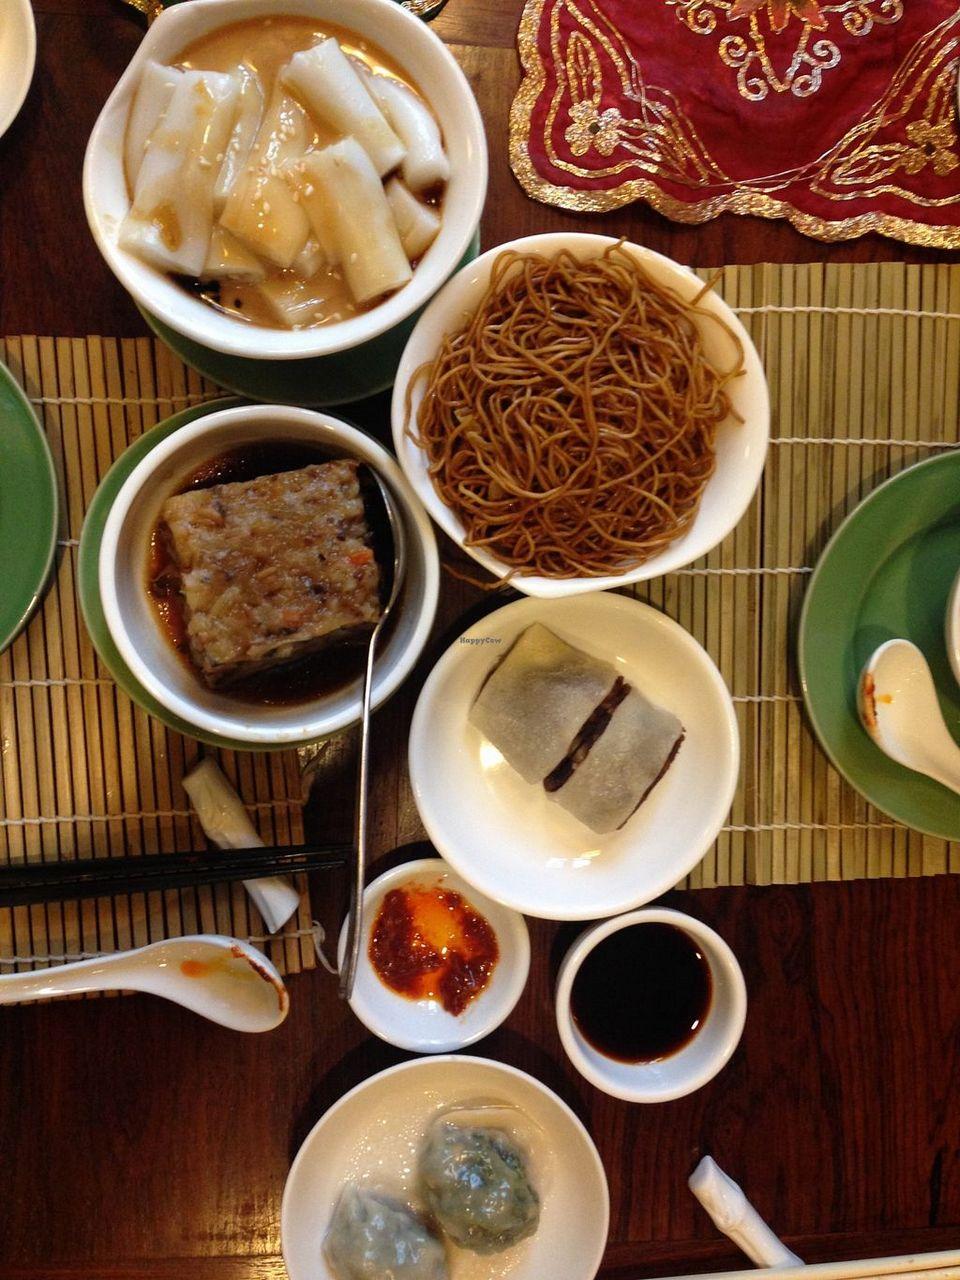 lockcha tea house central hong kong (1) Picture: 1 day in hong kong blog.